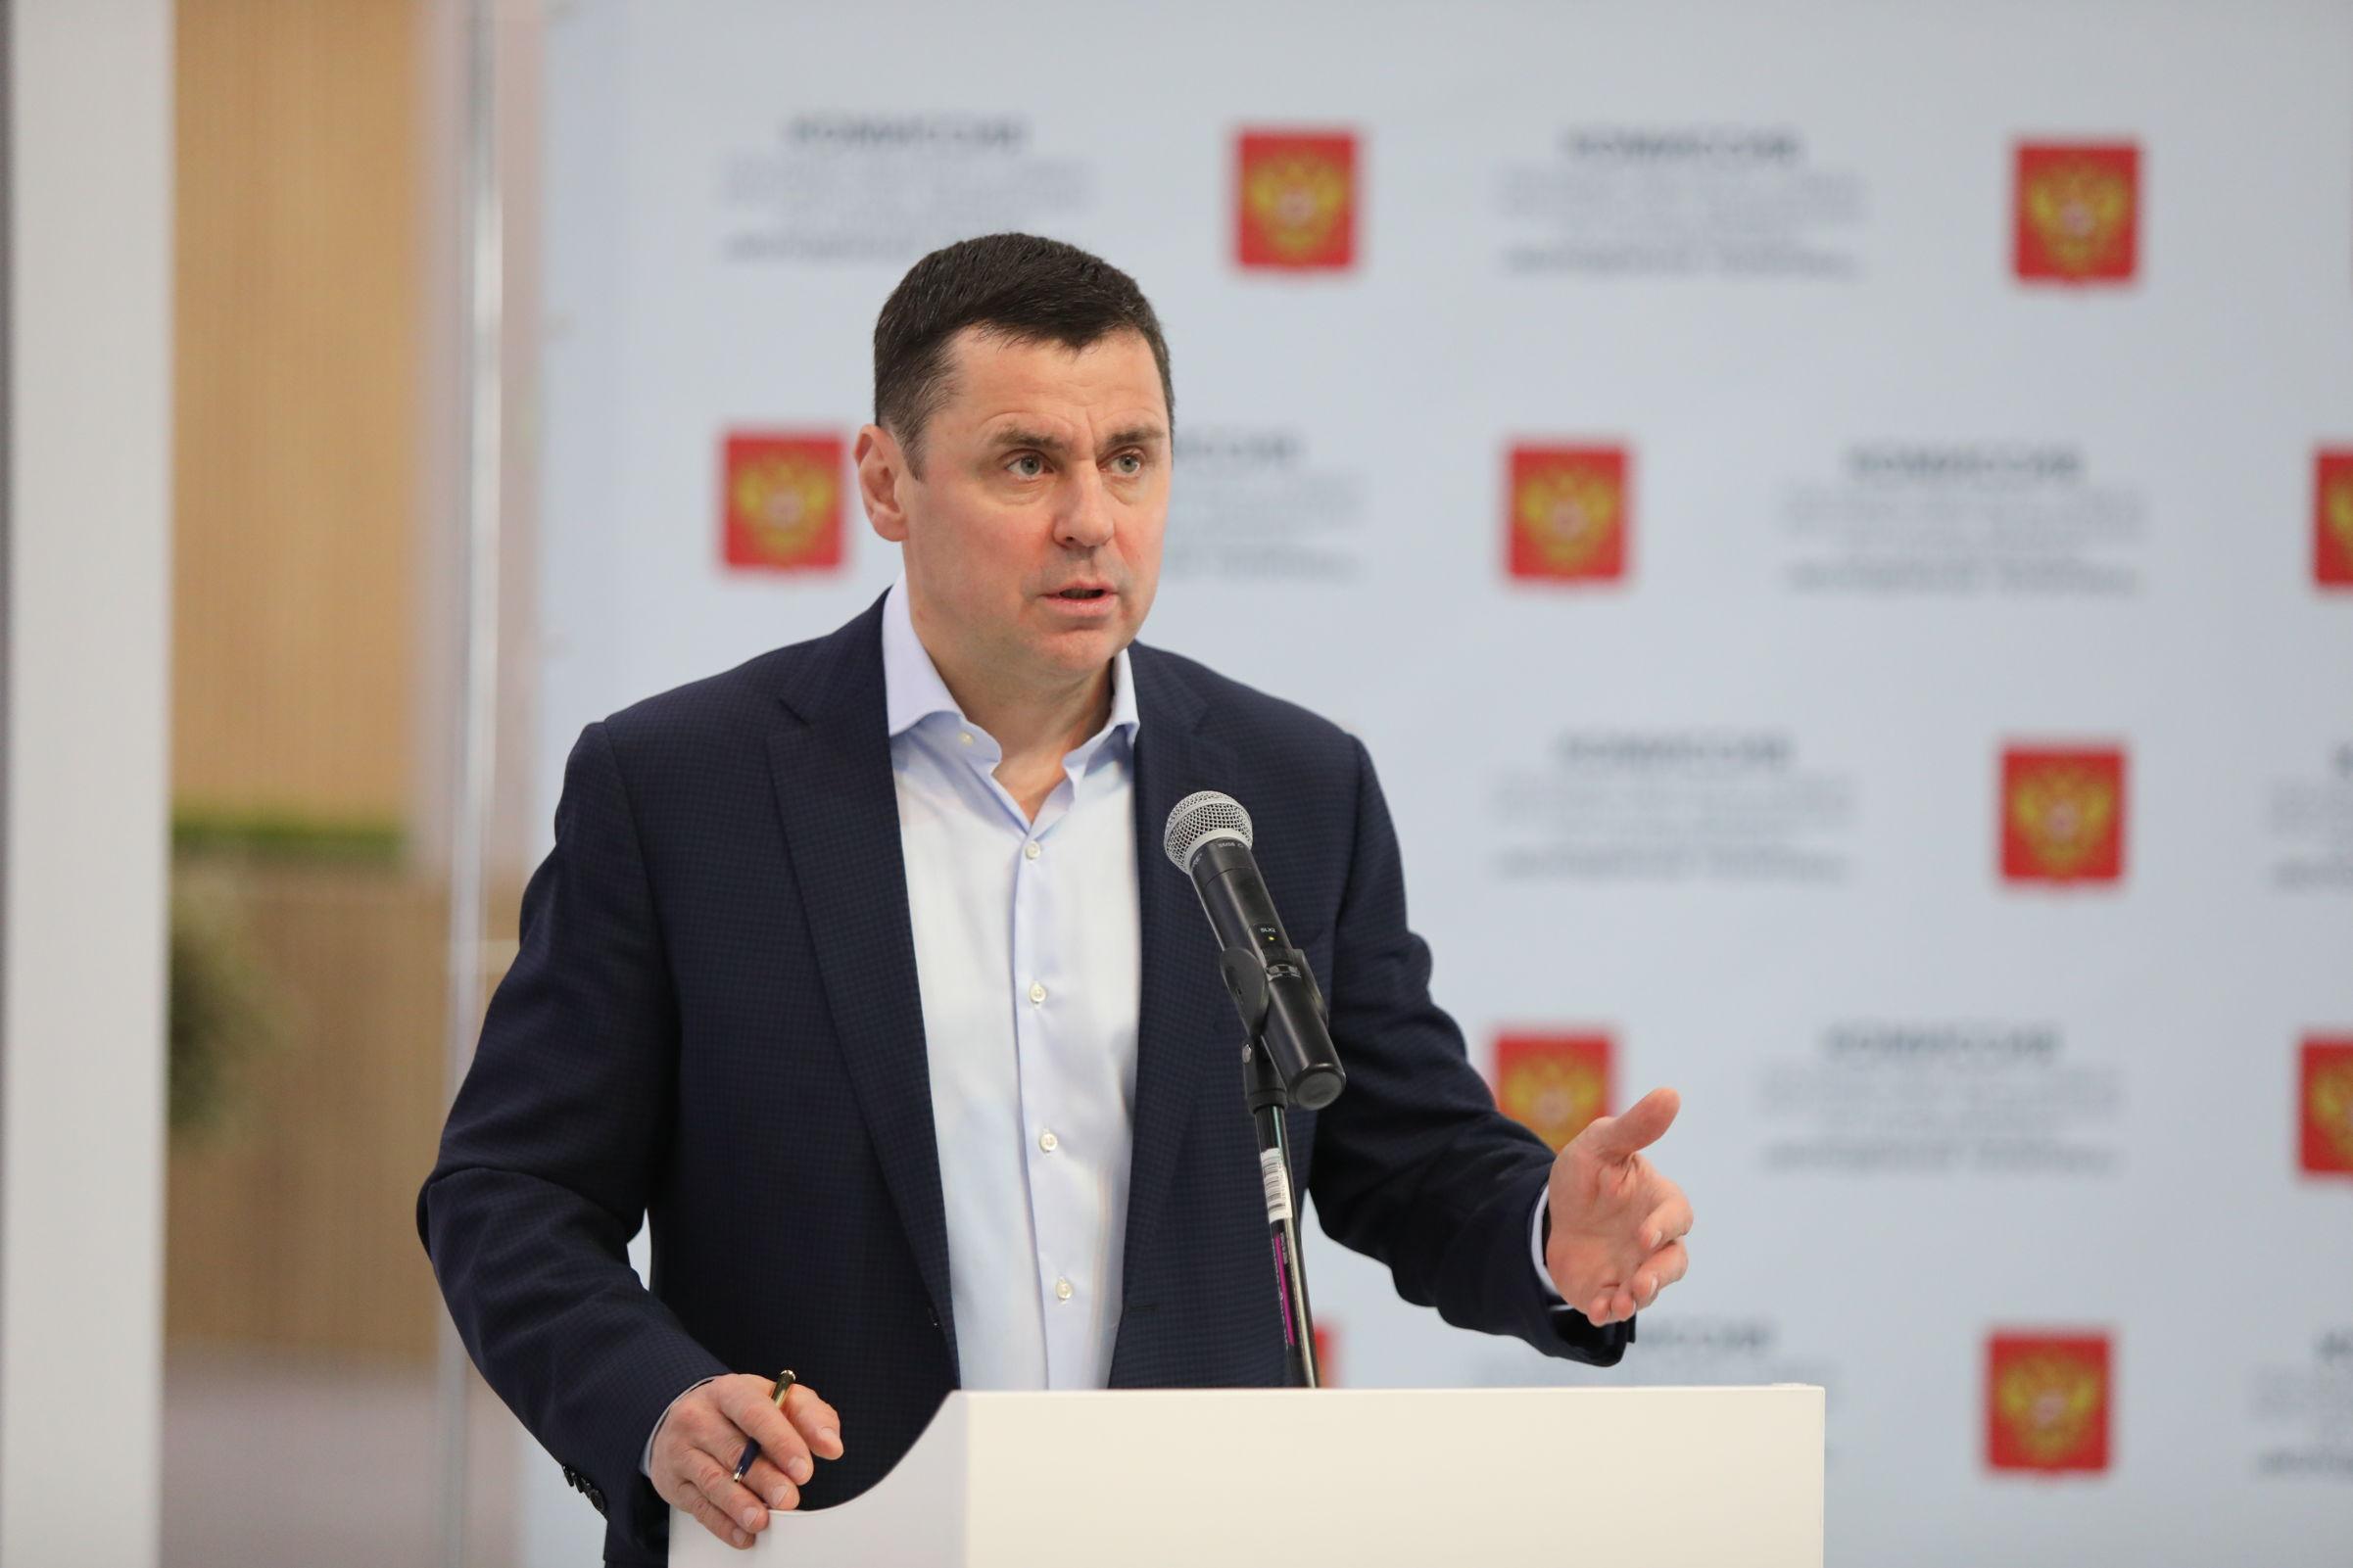 Дмитрий Миронов провел заседание комиссии Госсовета РФ по направлению «Молодежная политика»